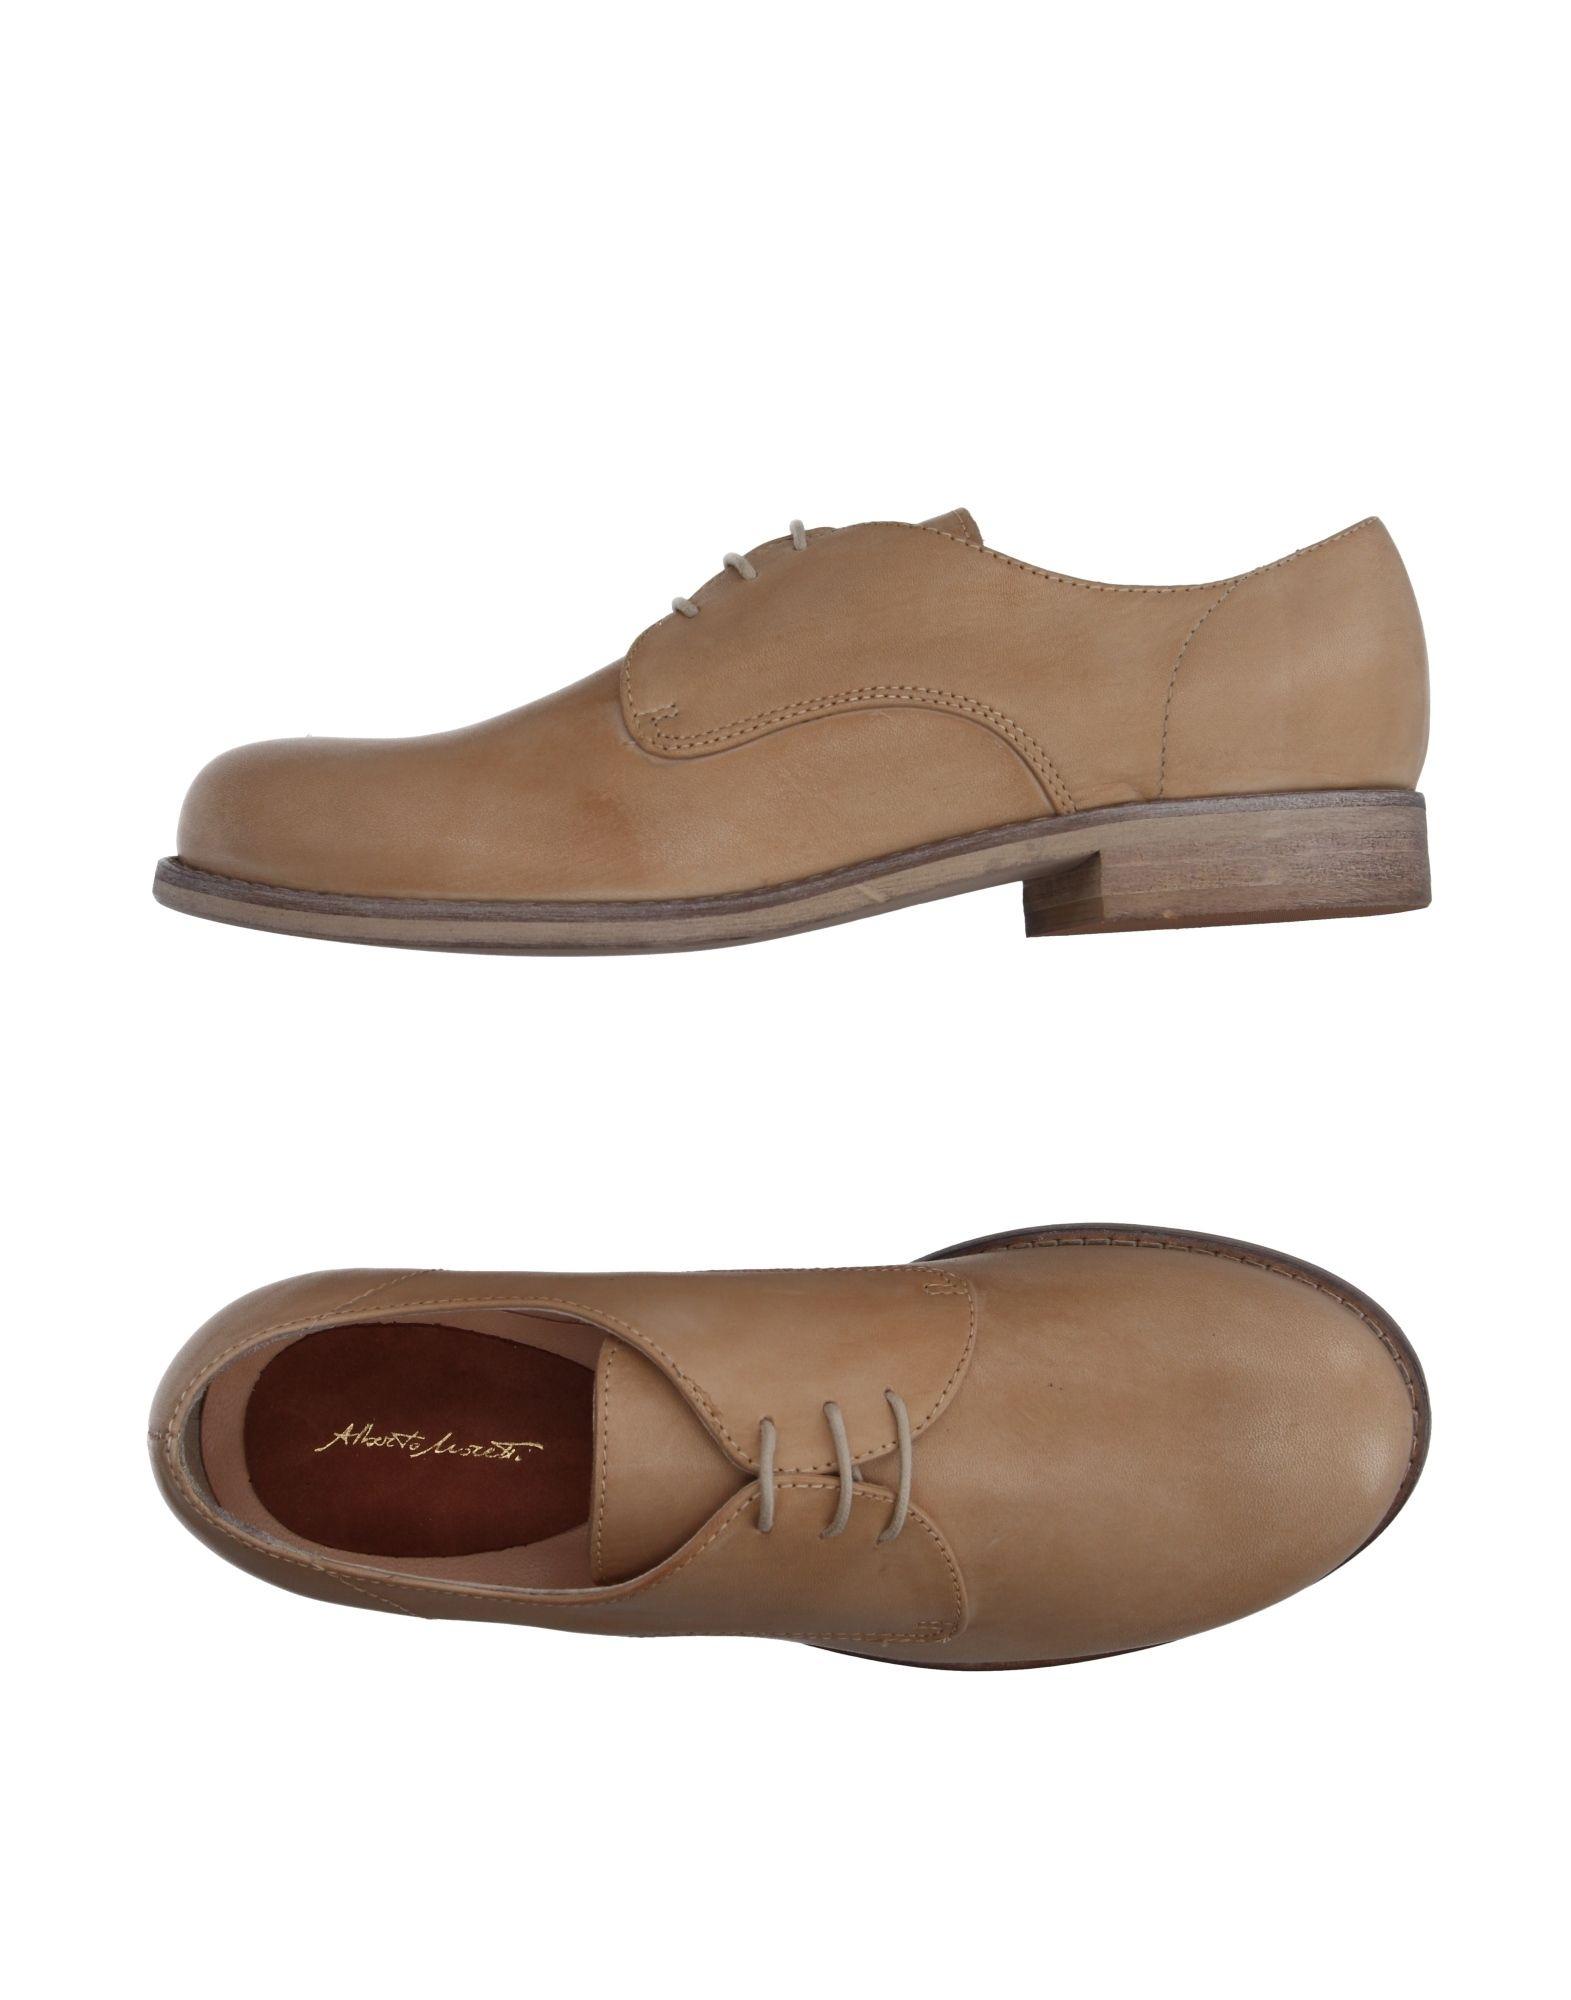 Alberto Moretti Schnürschuhe Damen beliebte 11169673AA Gute Qualität beliebte Damen Schuhe 4e3300